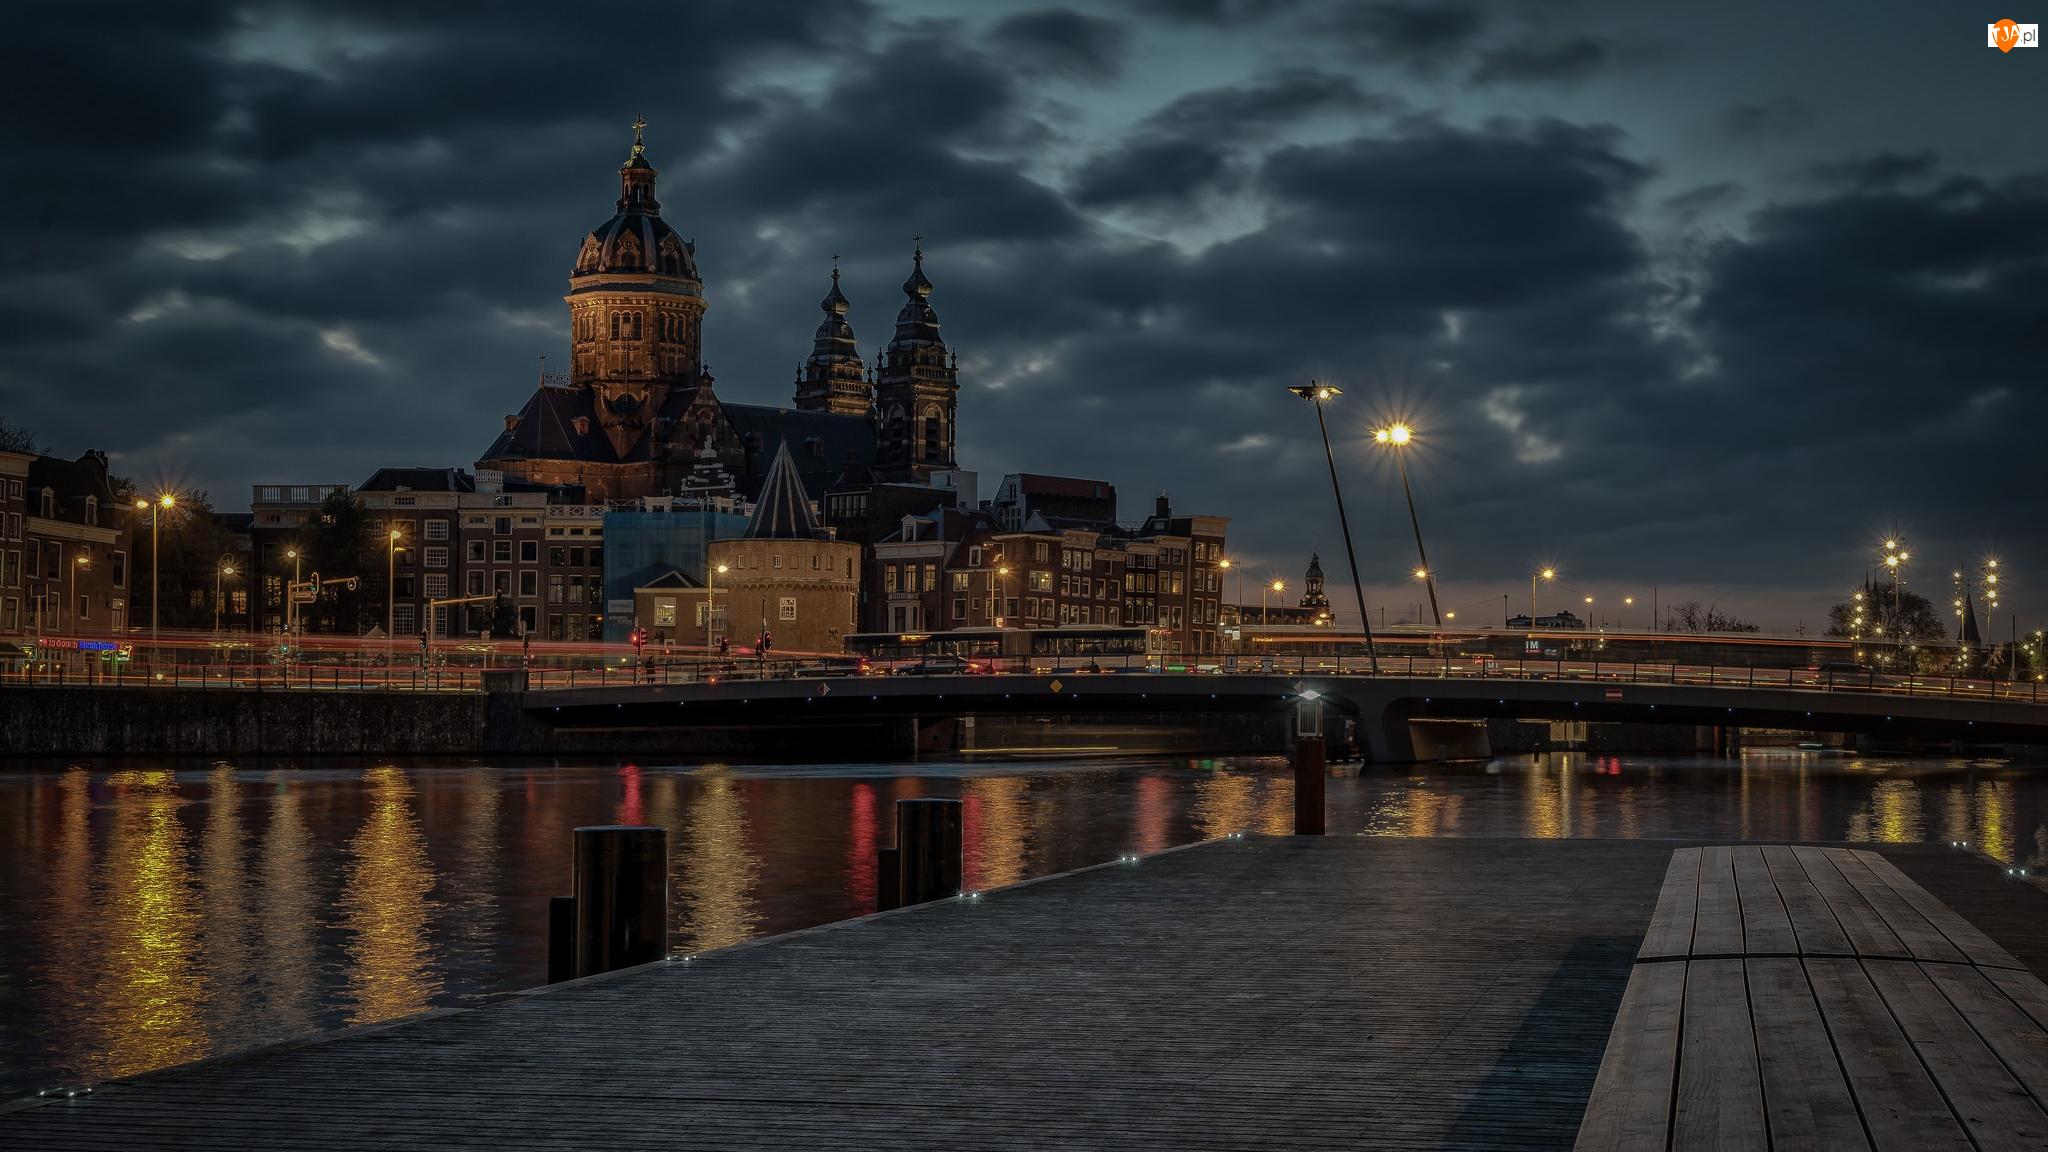 Chmury, Most, Zmierzch, Latarnie, Amsterdam, Holandia, Bazylika św Mikołaja, Kościół, Rzeka IJ, Niebo